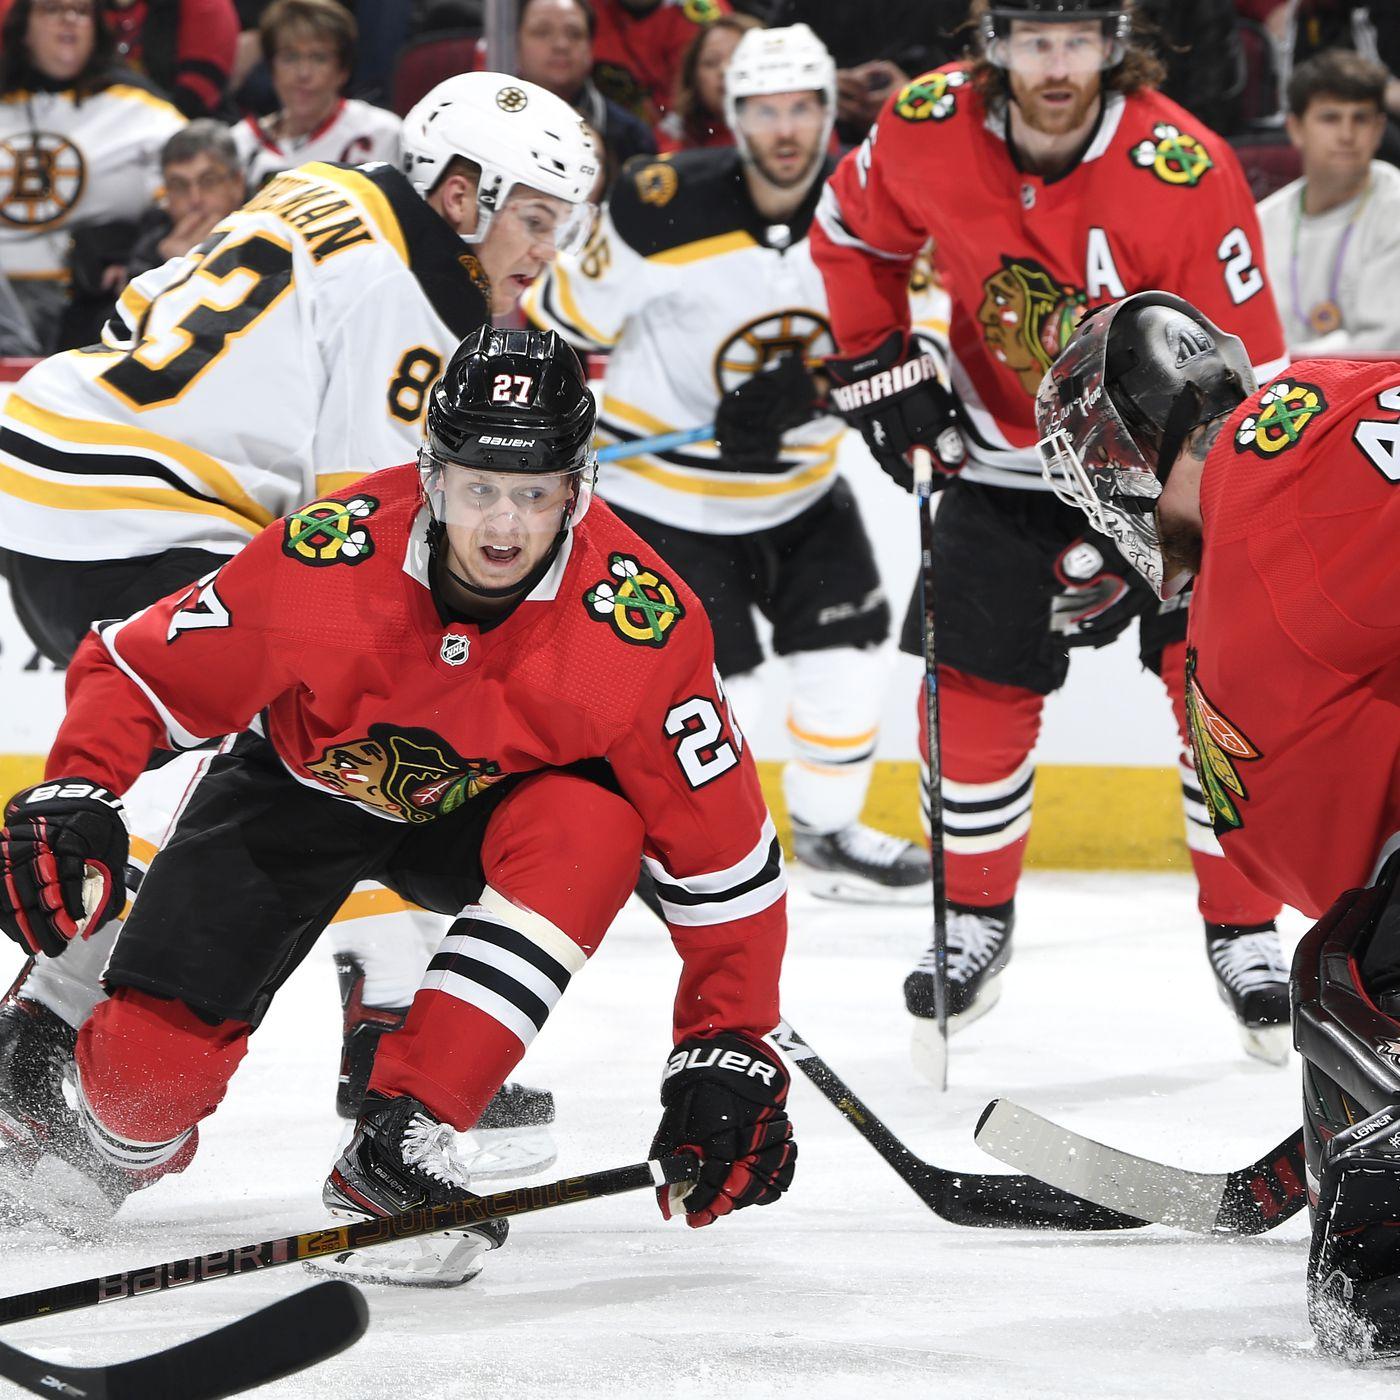 Blackhawks Vs Bruins Nhl 2020 Score Recap Stats Highlights Second City Hockey